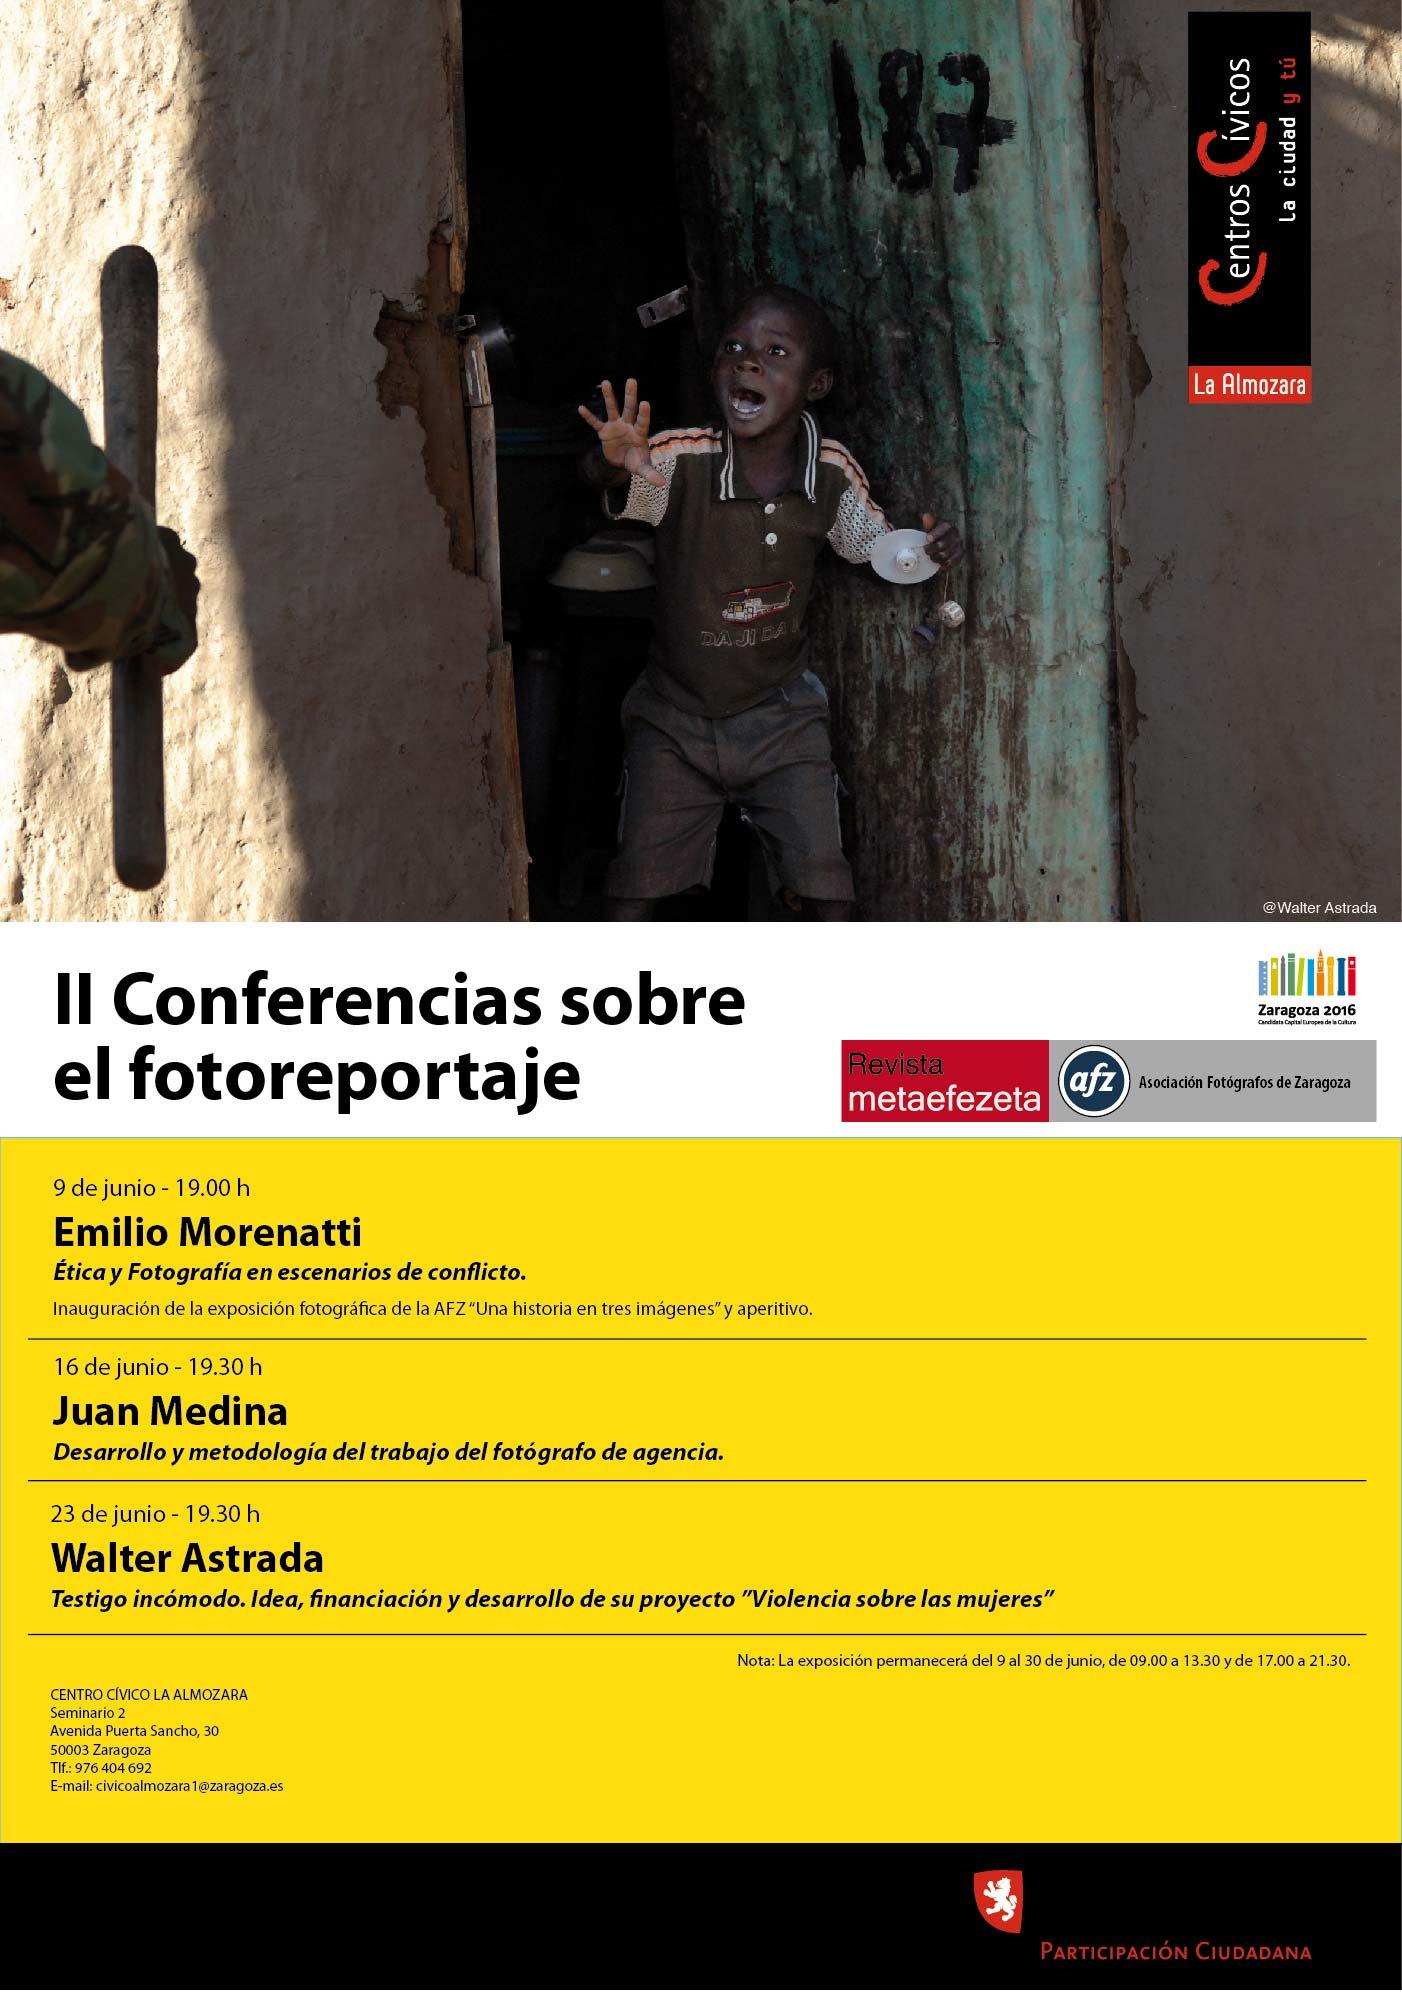 II Conferencias sobre fotoreportaje AFZ